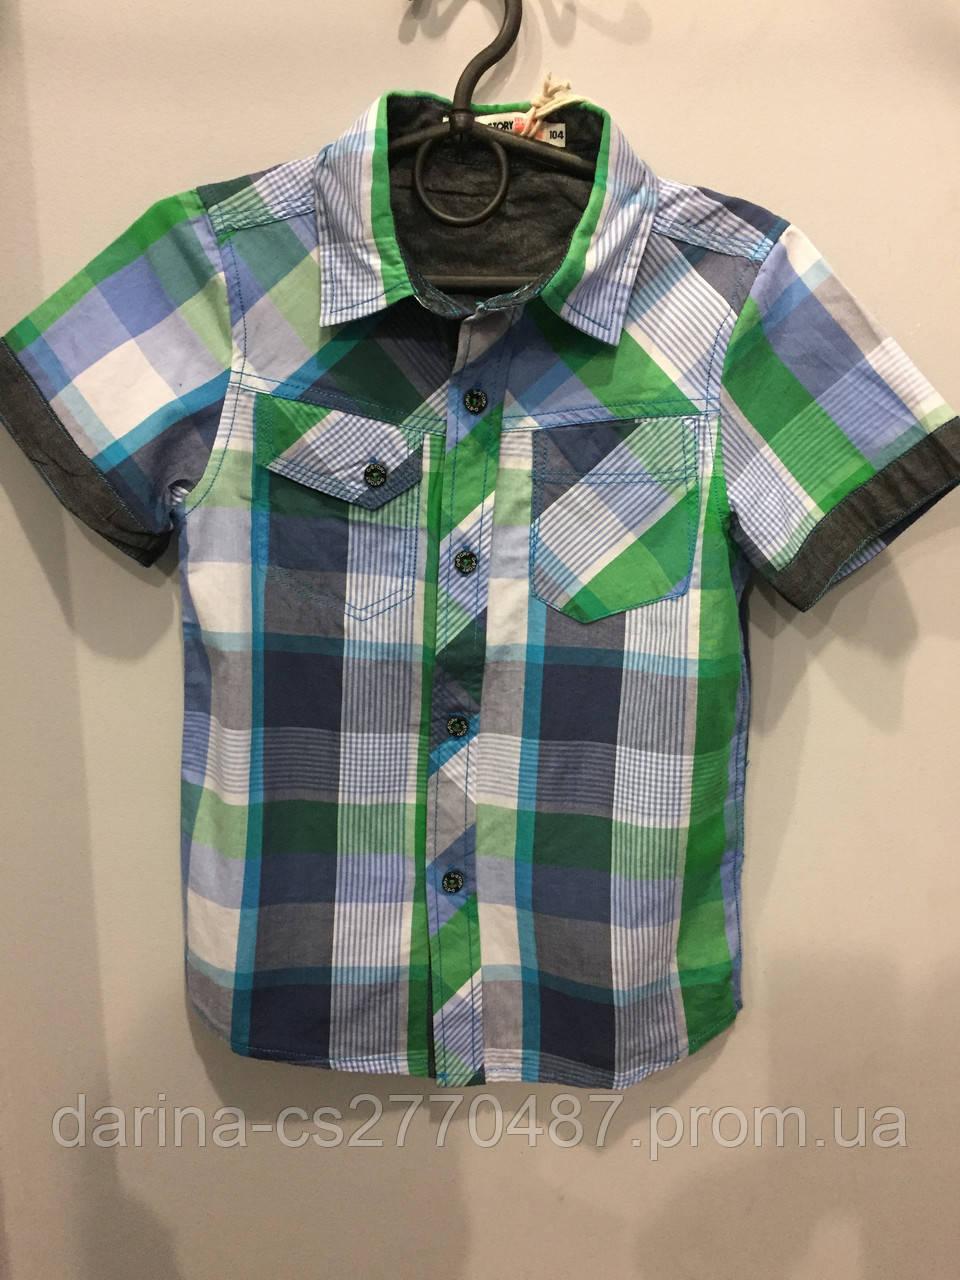 Рубашка в клетку для мальчика 128 см